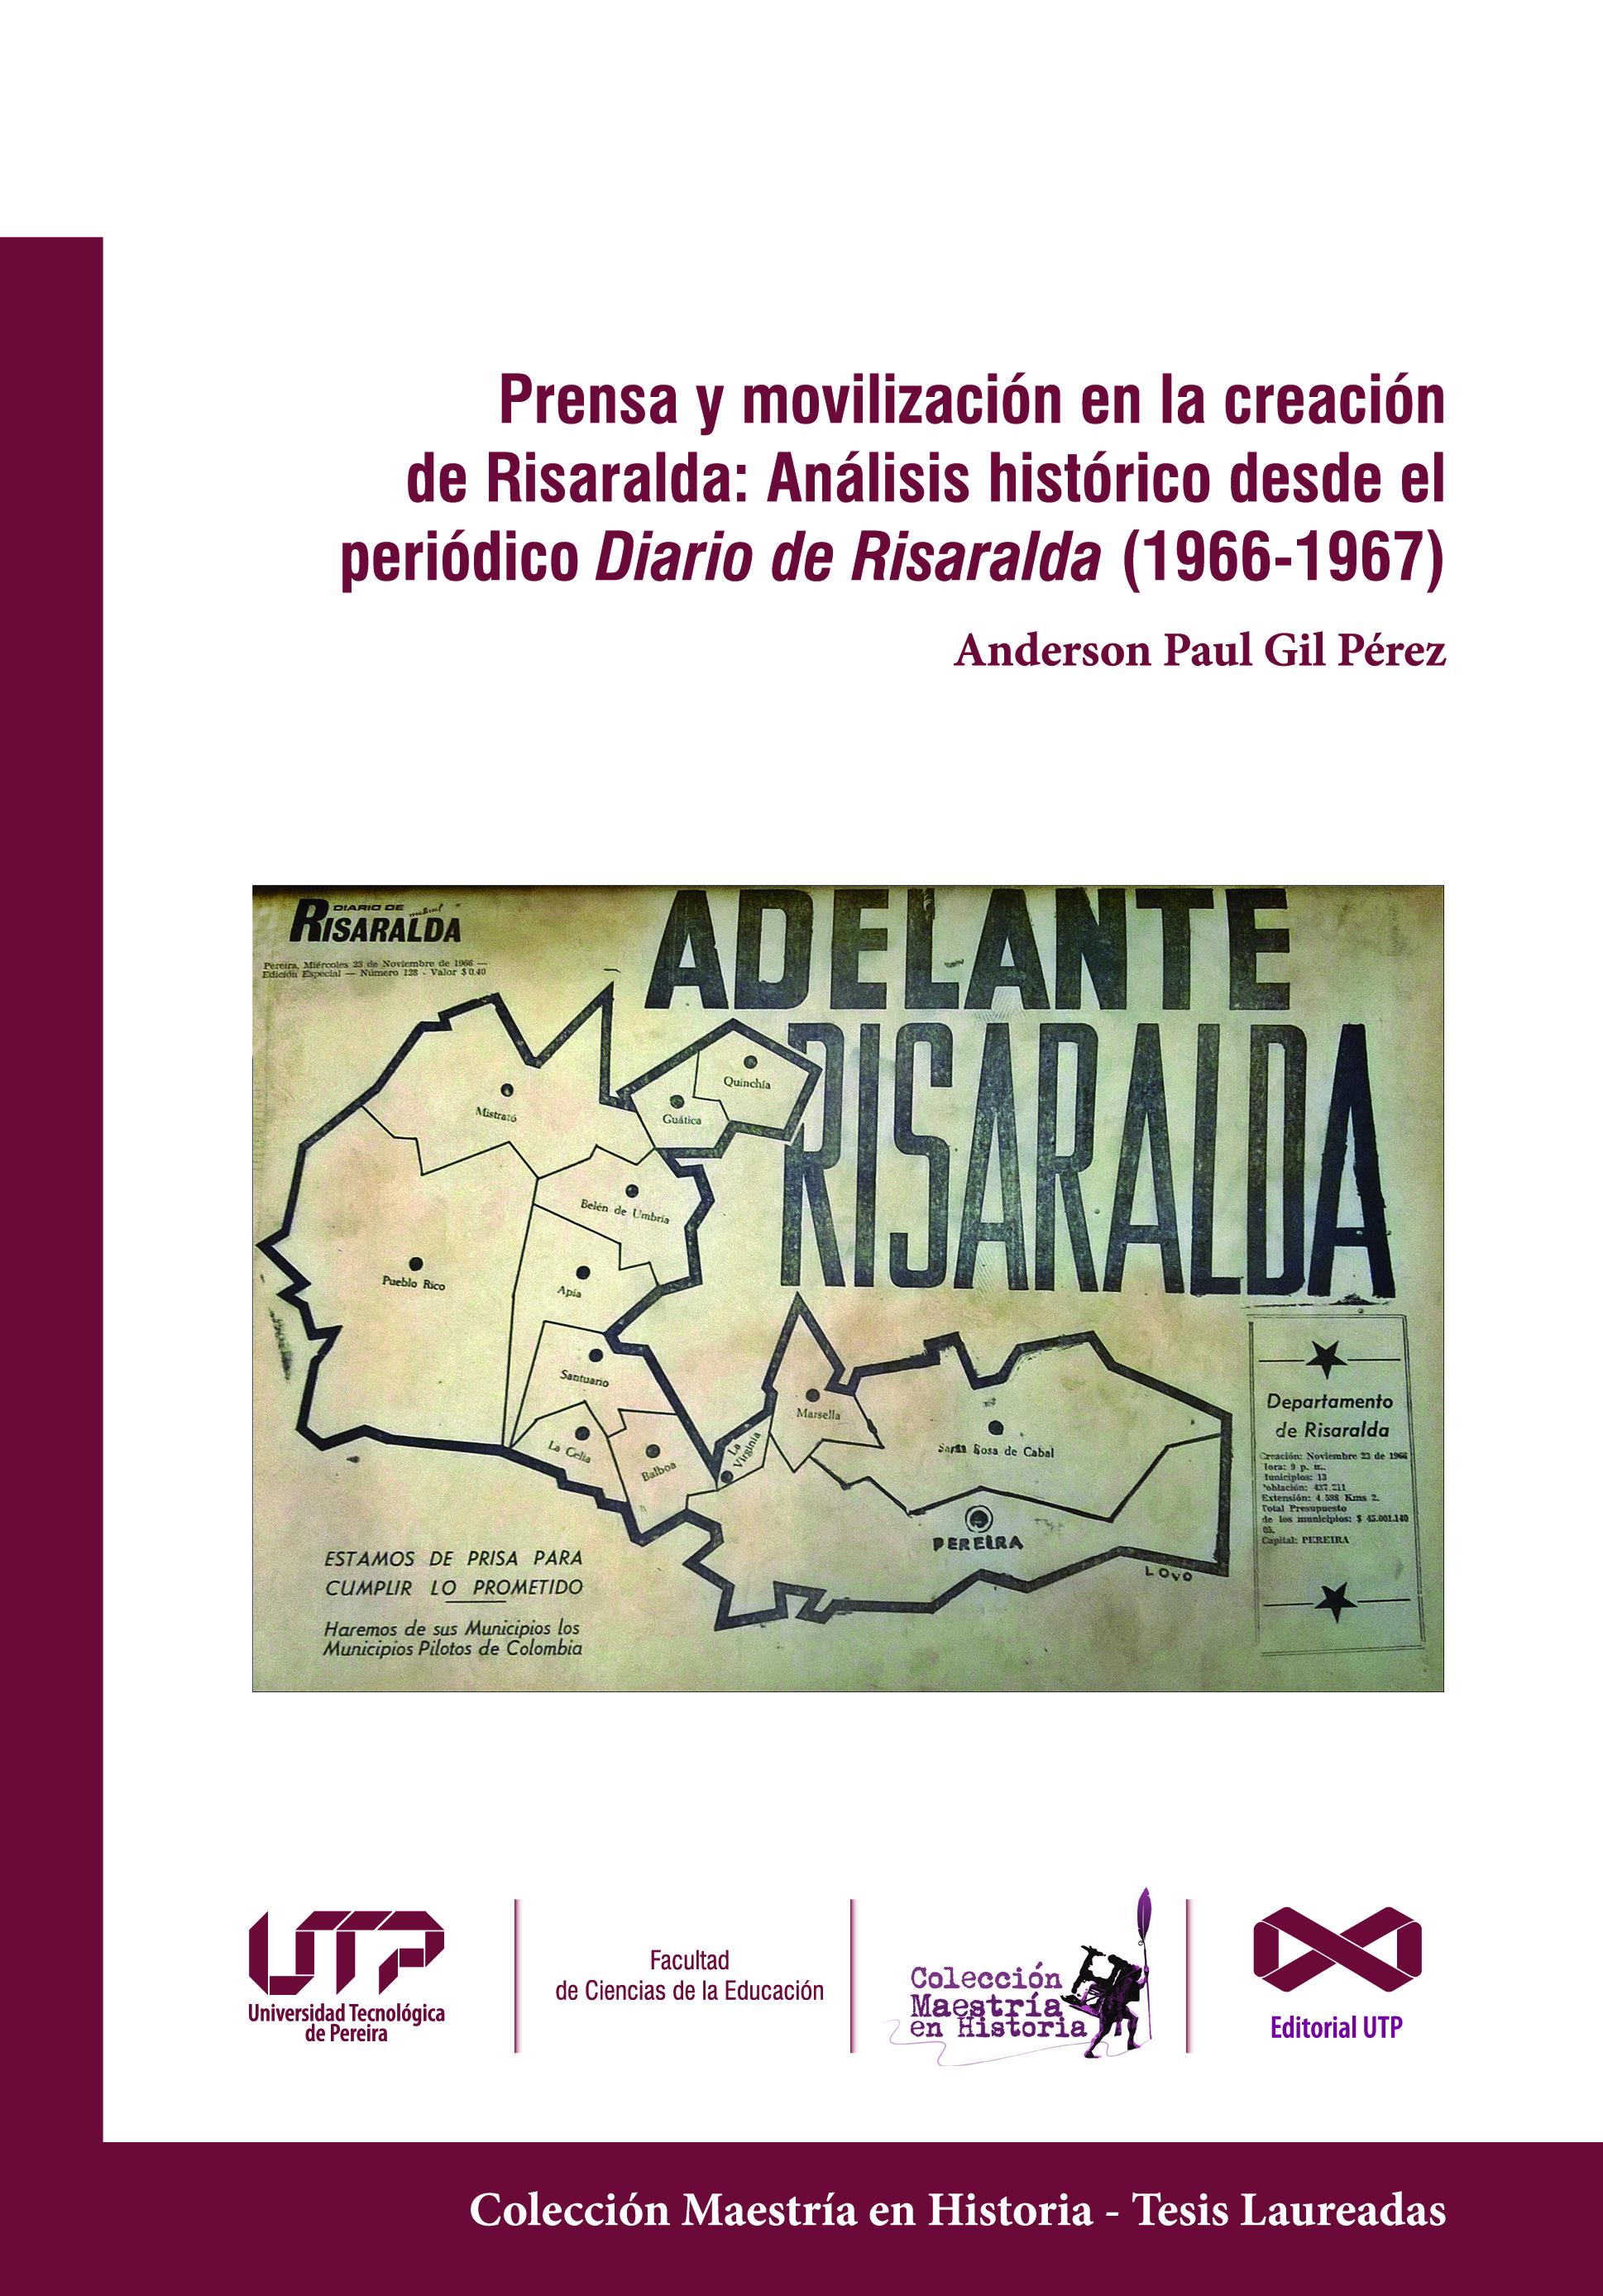 Prensa y movilización en la creación de Risaralda : Análisis histórico desde el periódico Diario de Risaralda (1966-1967)